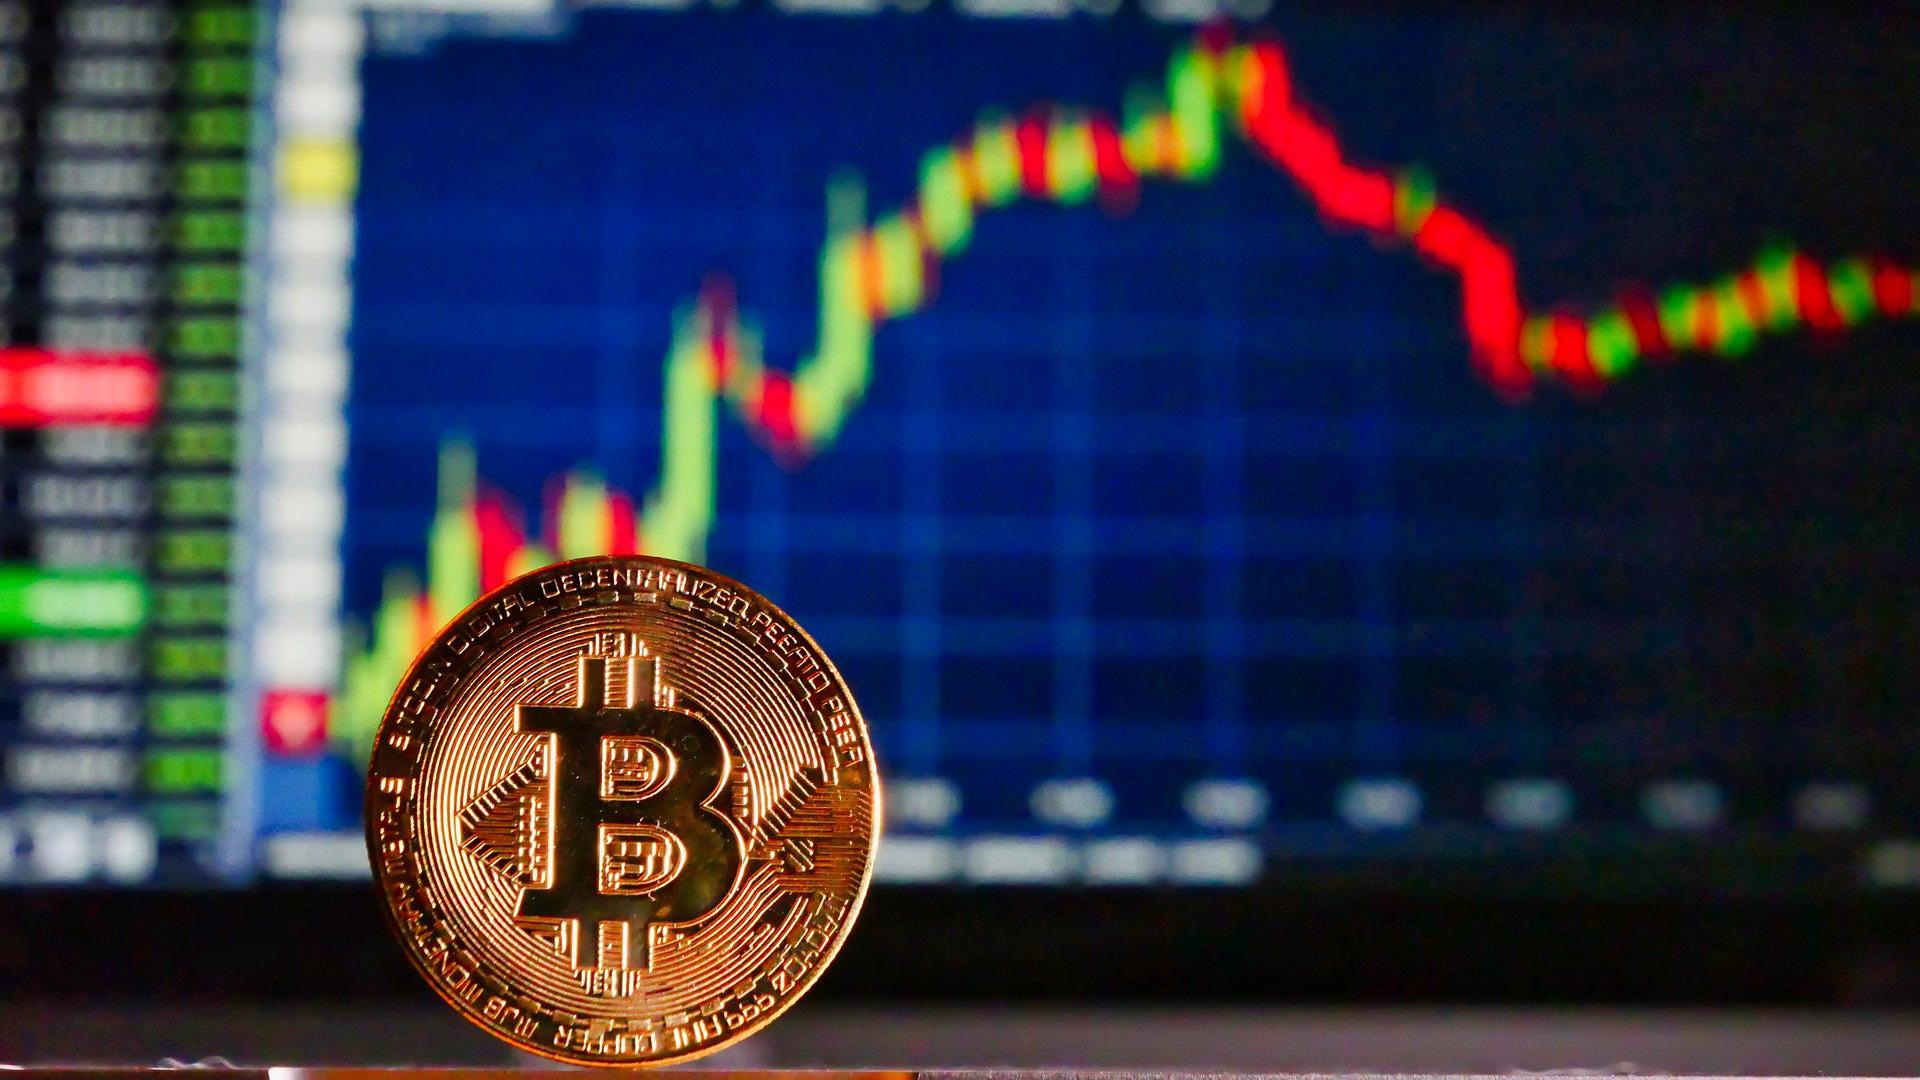 bitcoins prekyba pakistane kaip prekiauti bitcoin naudojant coinbazės